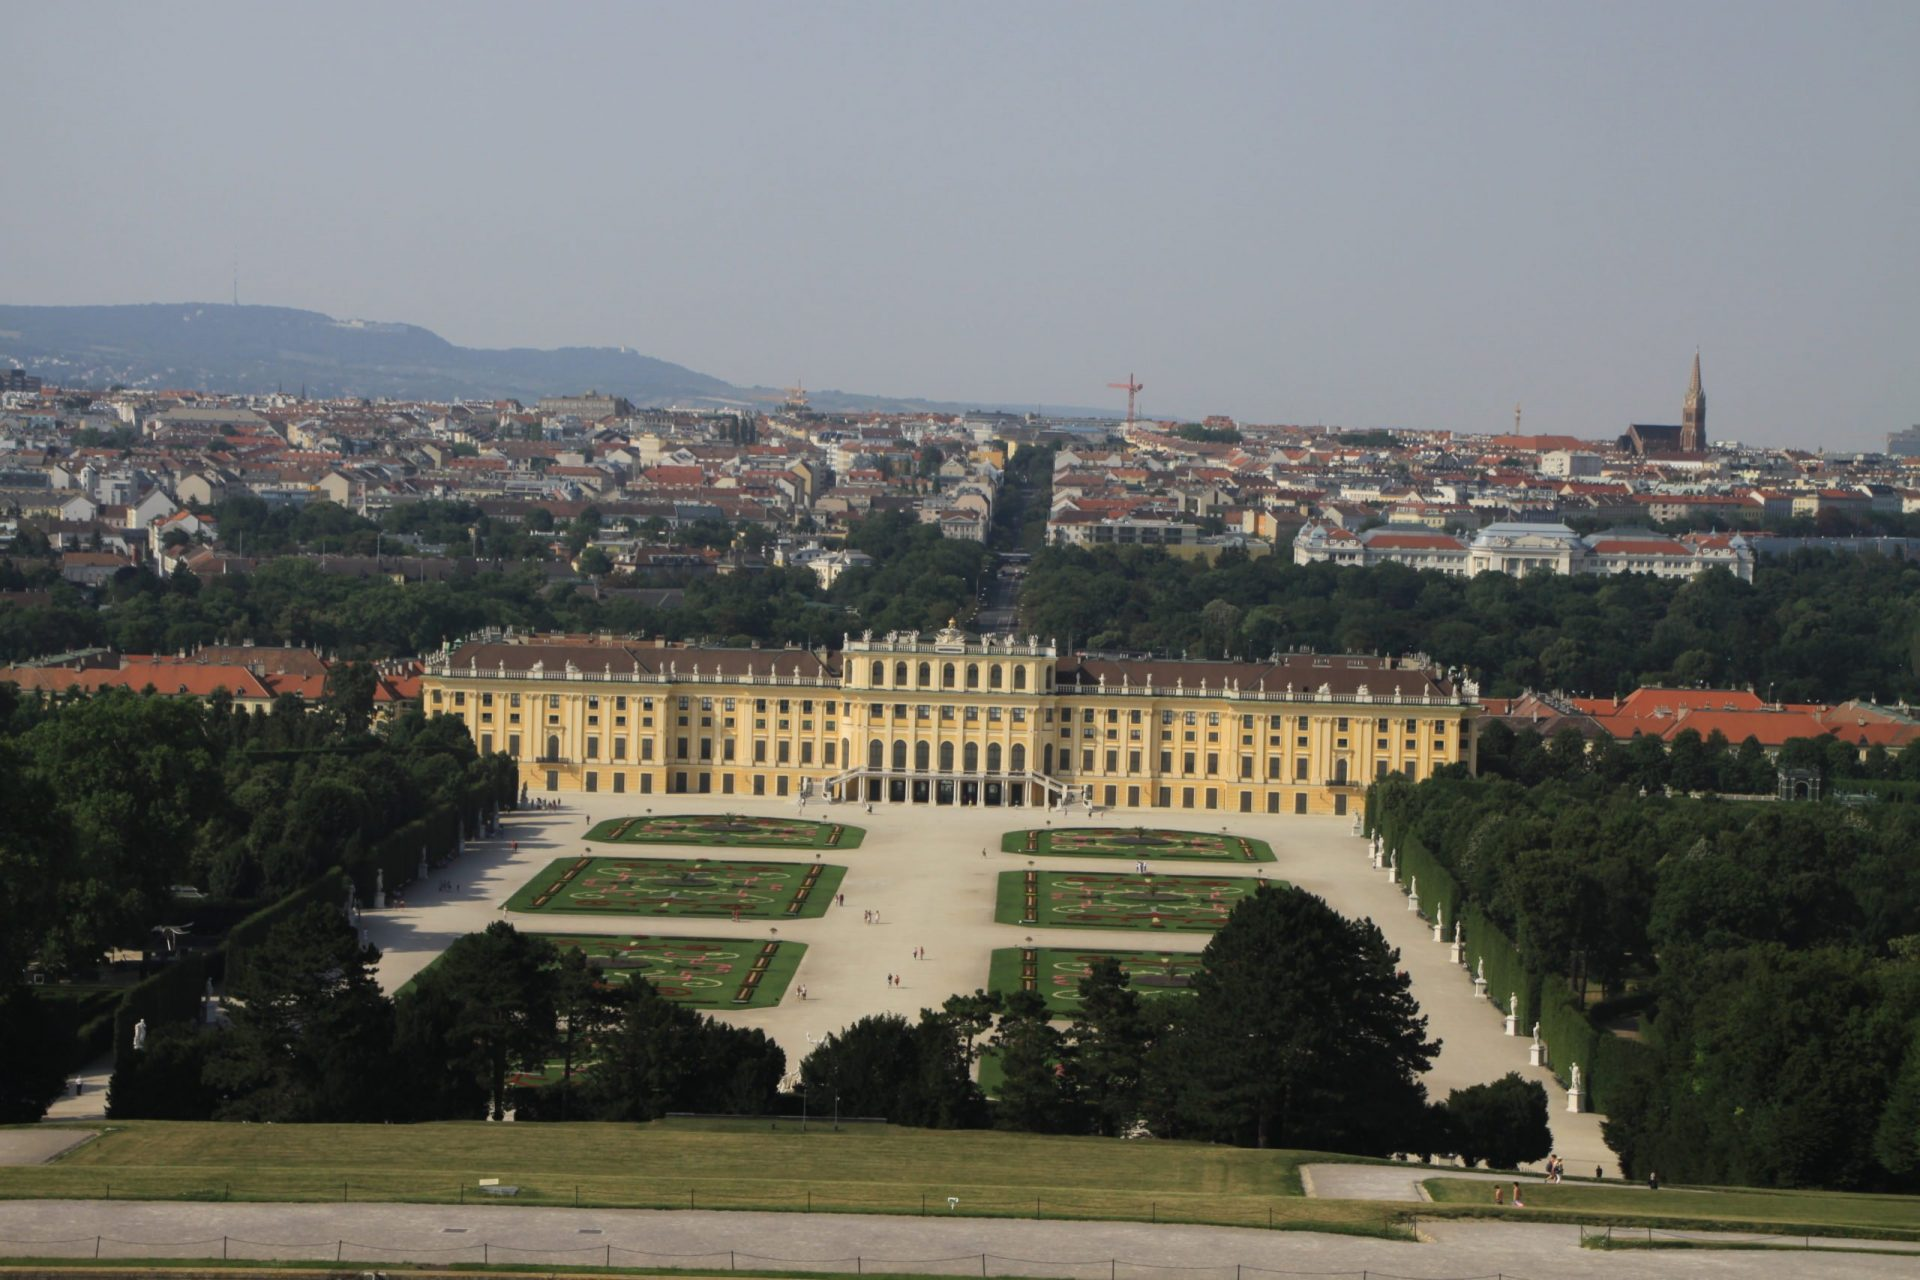 Вид на Шёнбрунн и город, Вена, Австрия. Июль, 2012